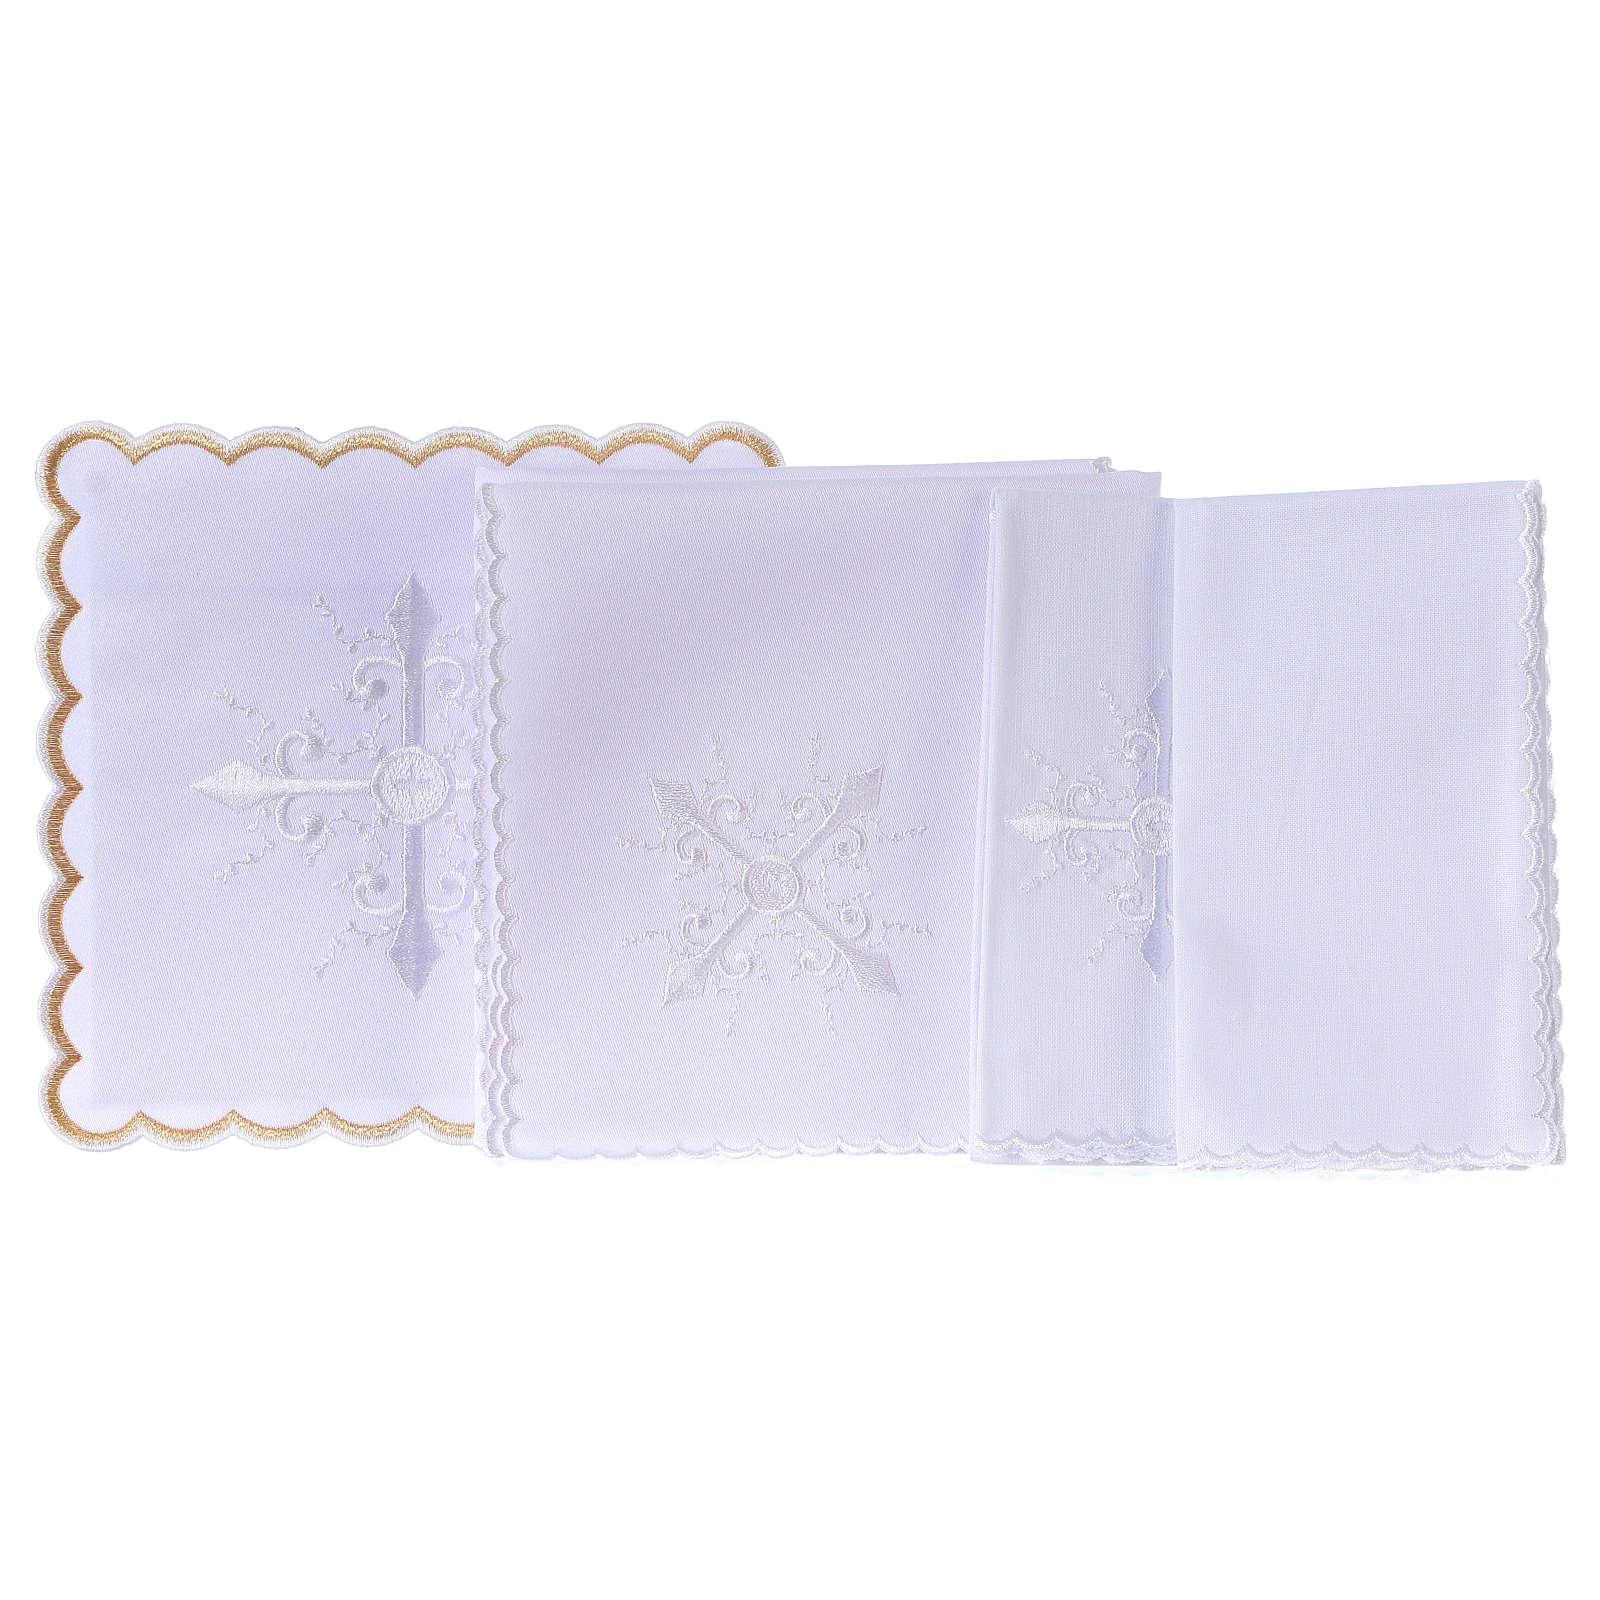 Bielizna kielichowa bawełna haft biały krzyż barokowy 4